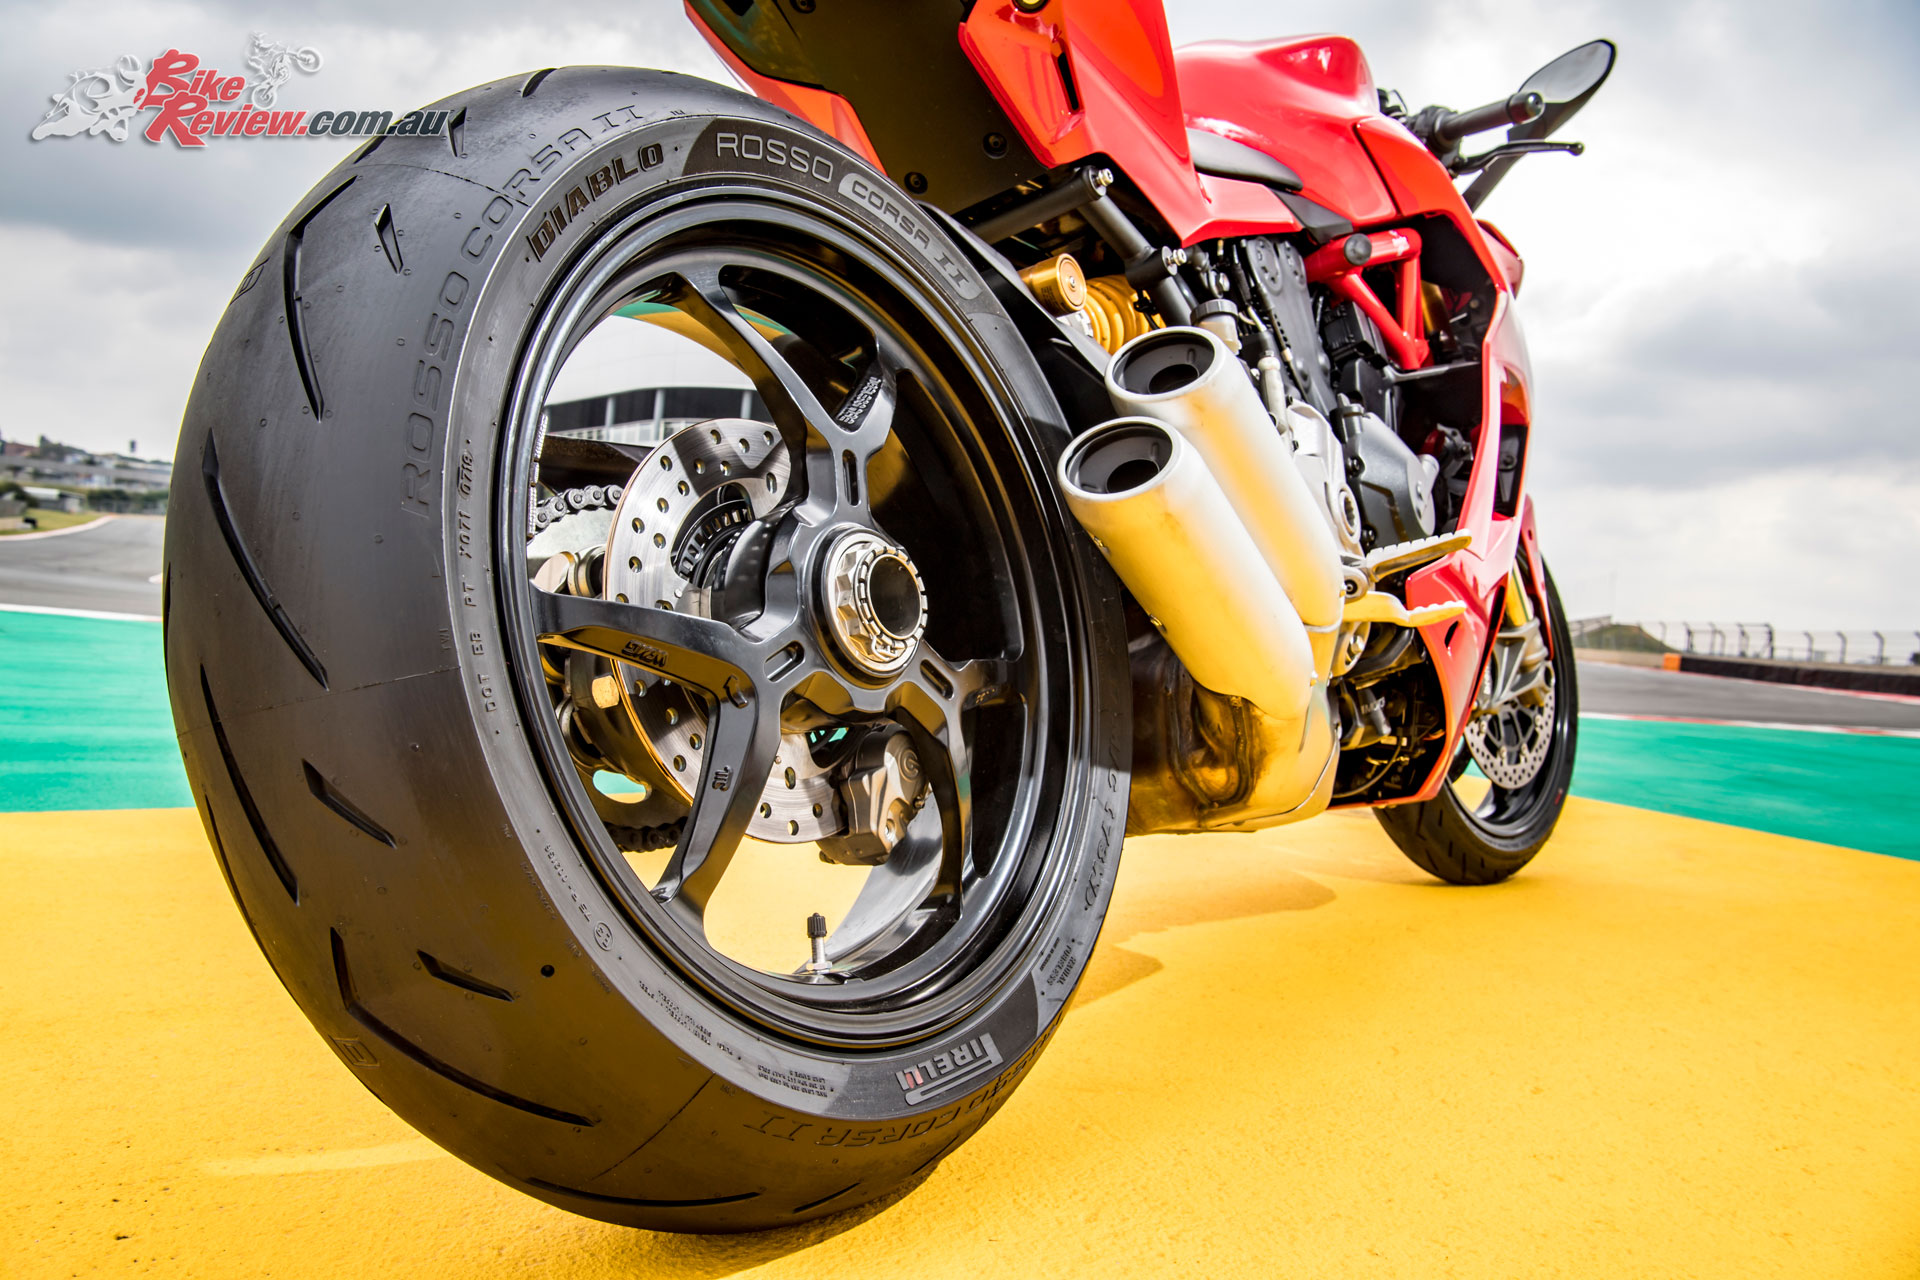 180//60ZR-17 Pirelli Diablo Rosso Corsa 2 Rear Tire